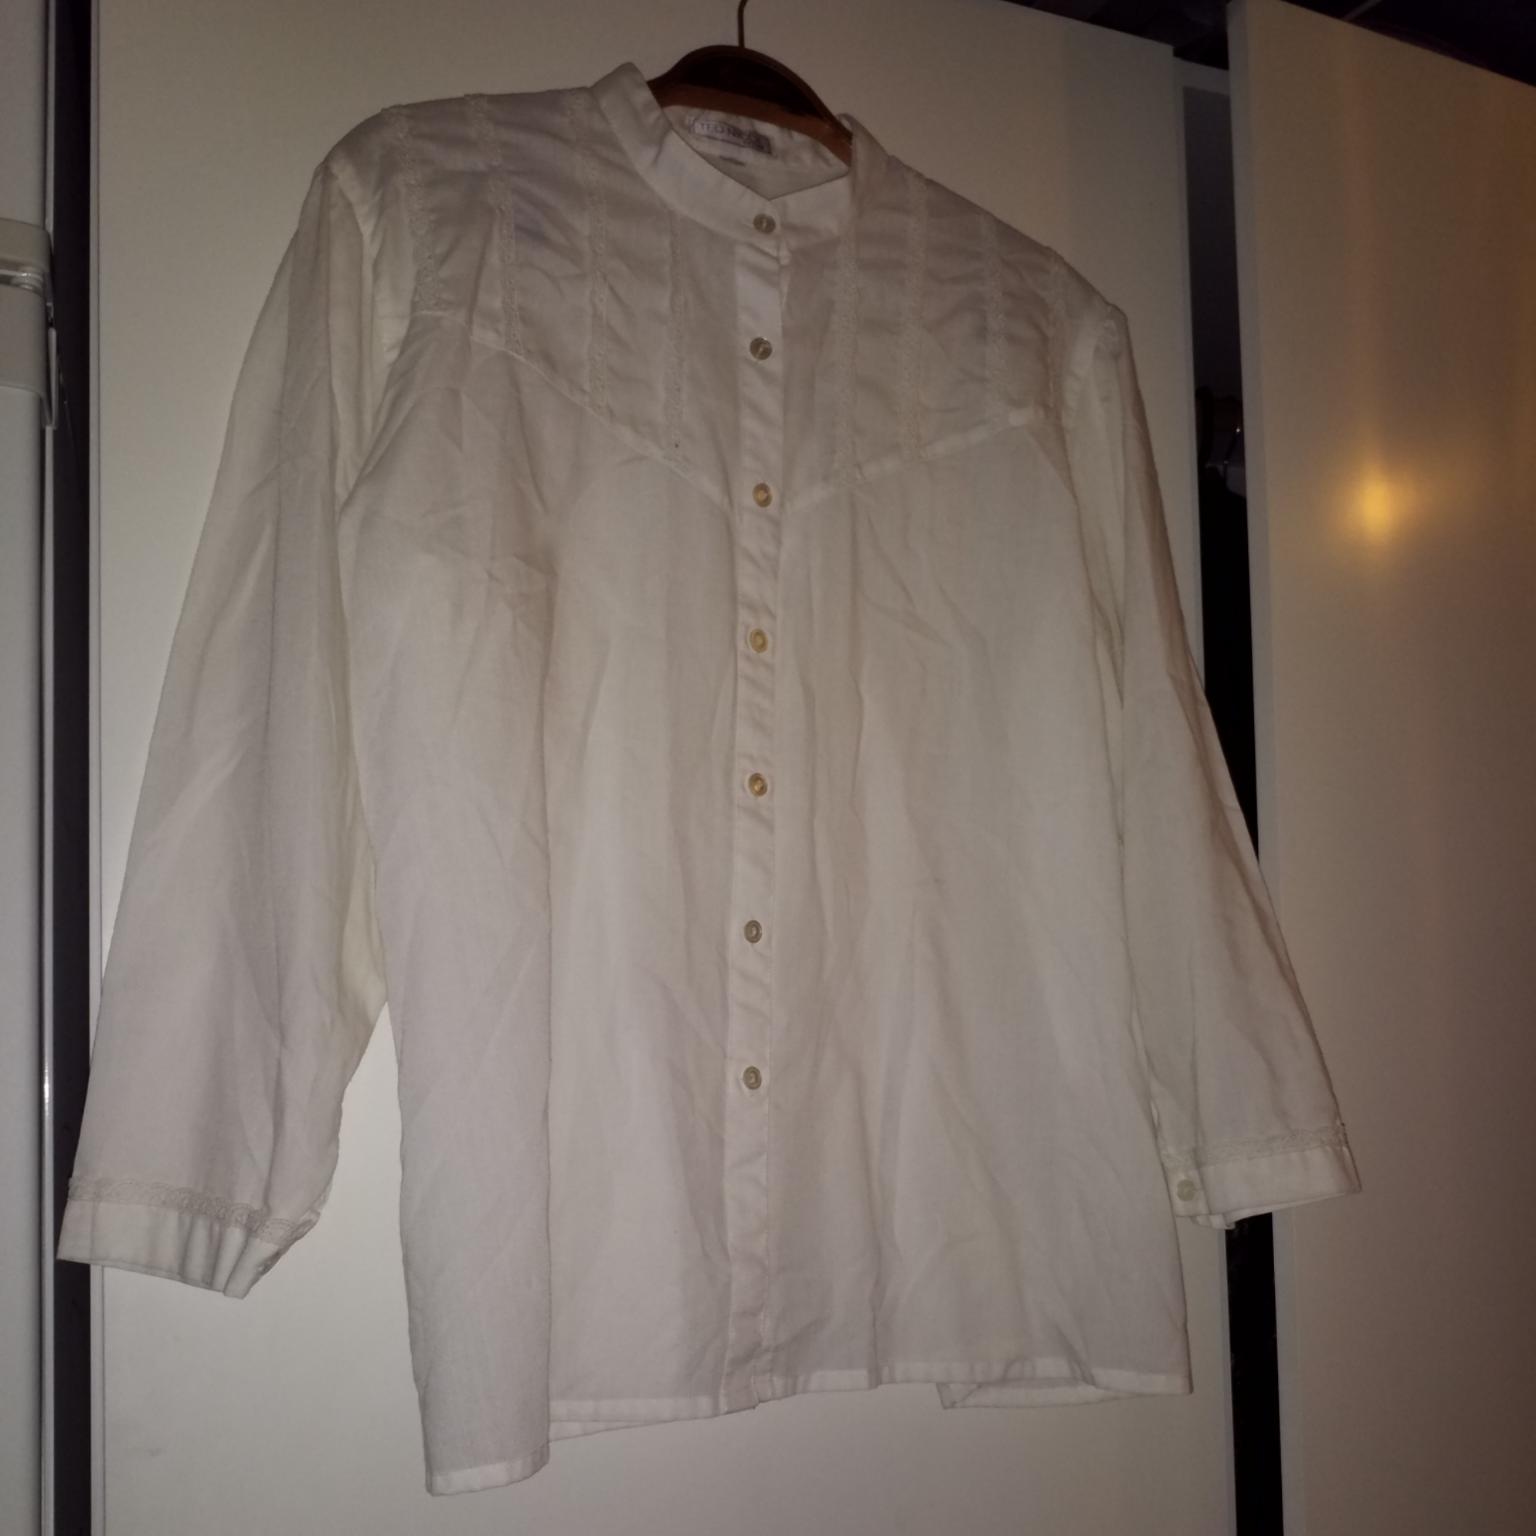 Vit halvtransparent skjorta med fina detaljer. Märkt med storlek 44 men passar mindre . Skjortor.